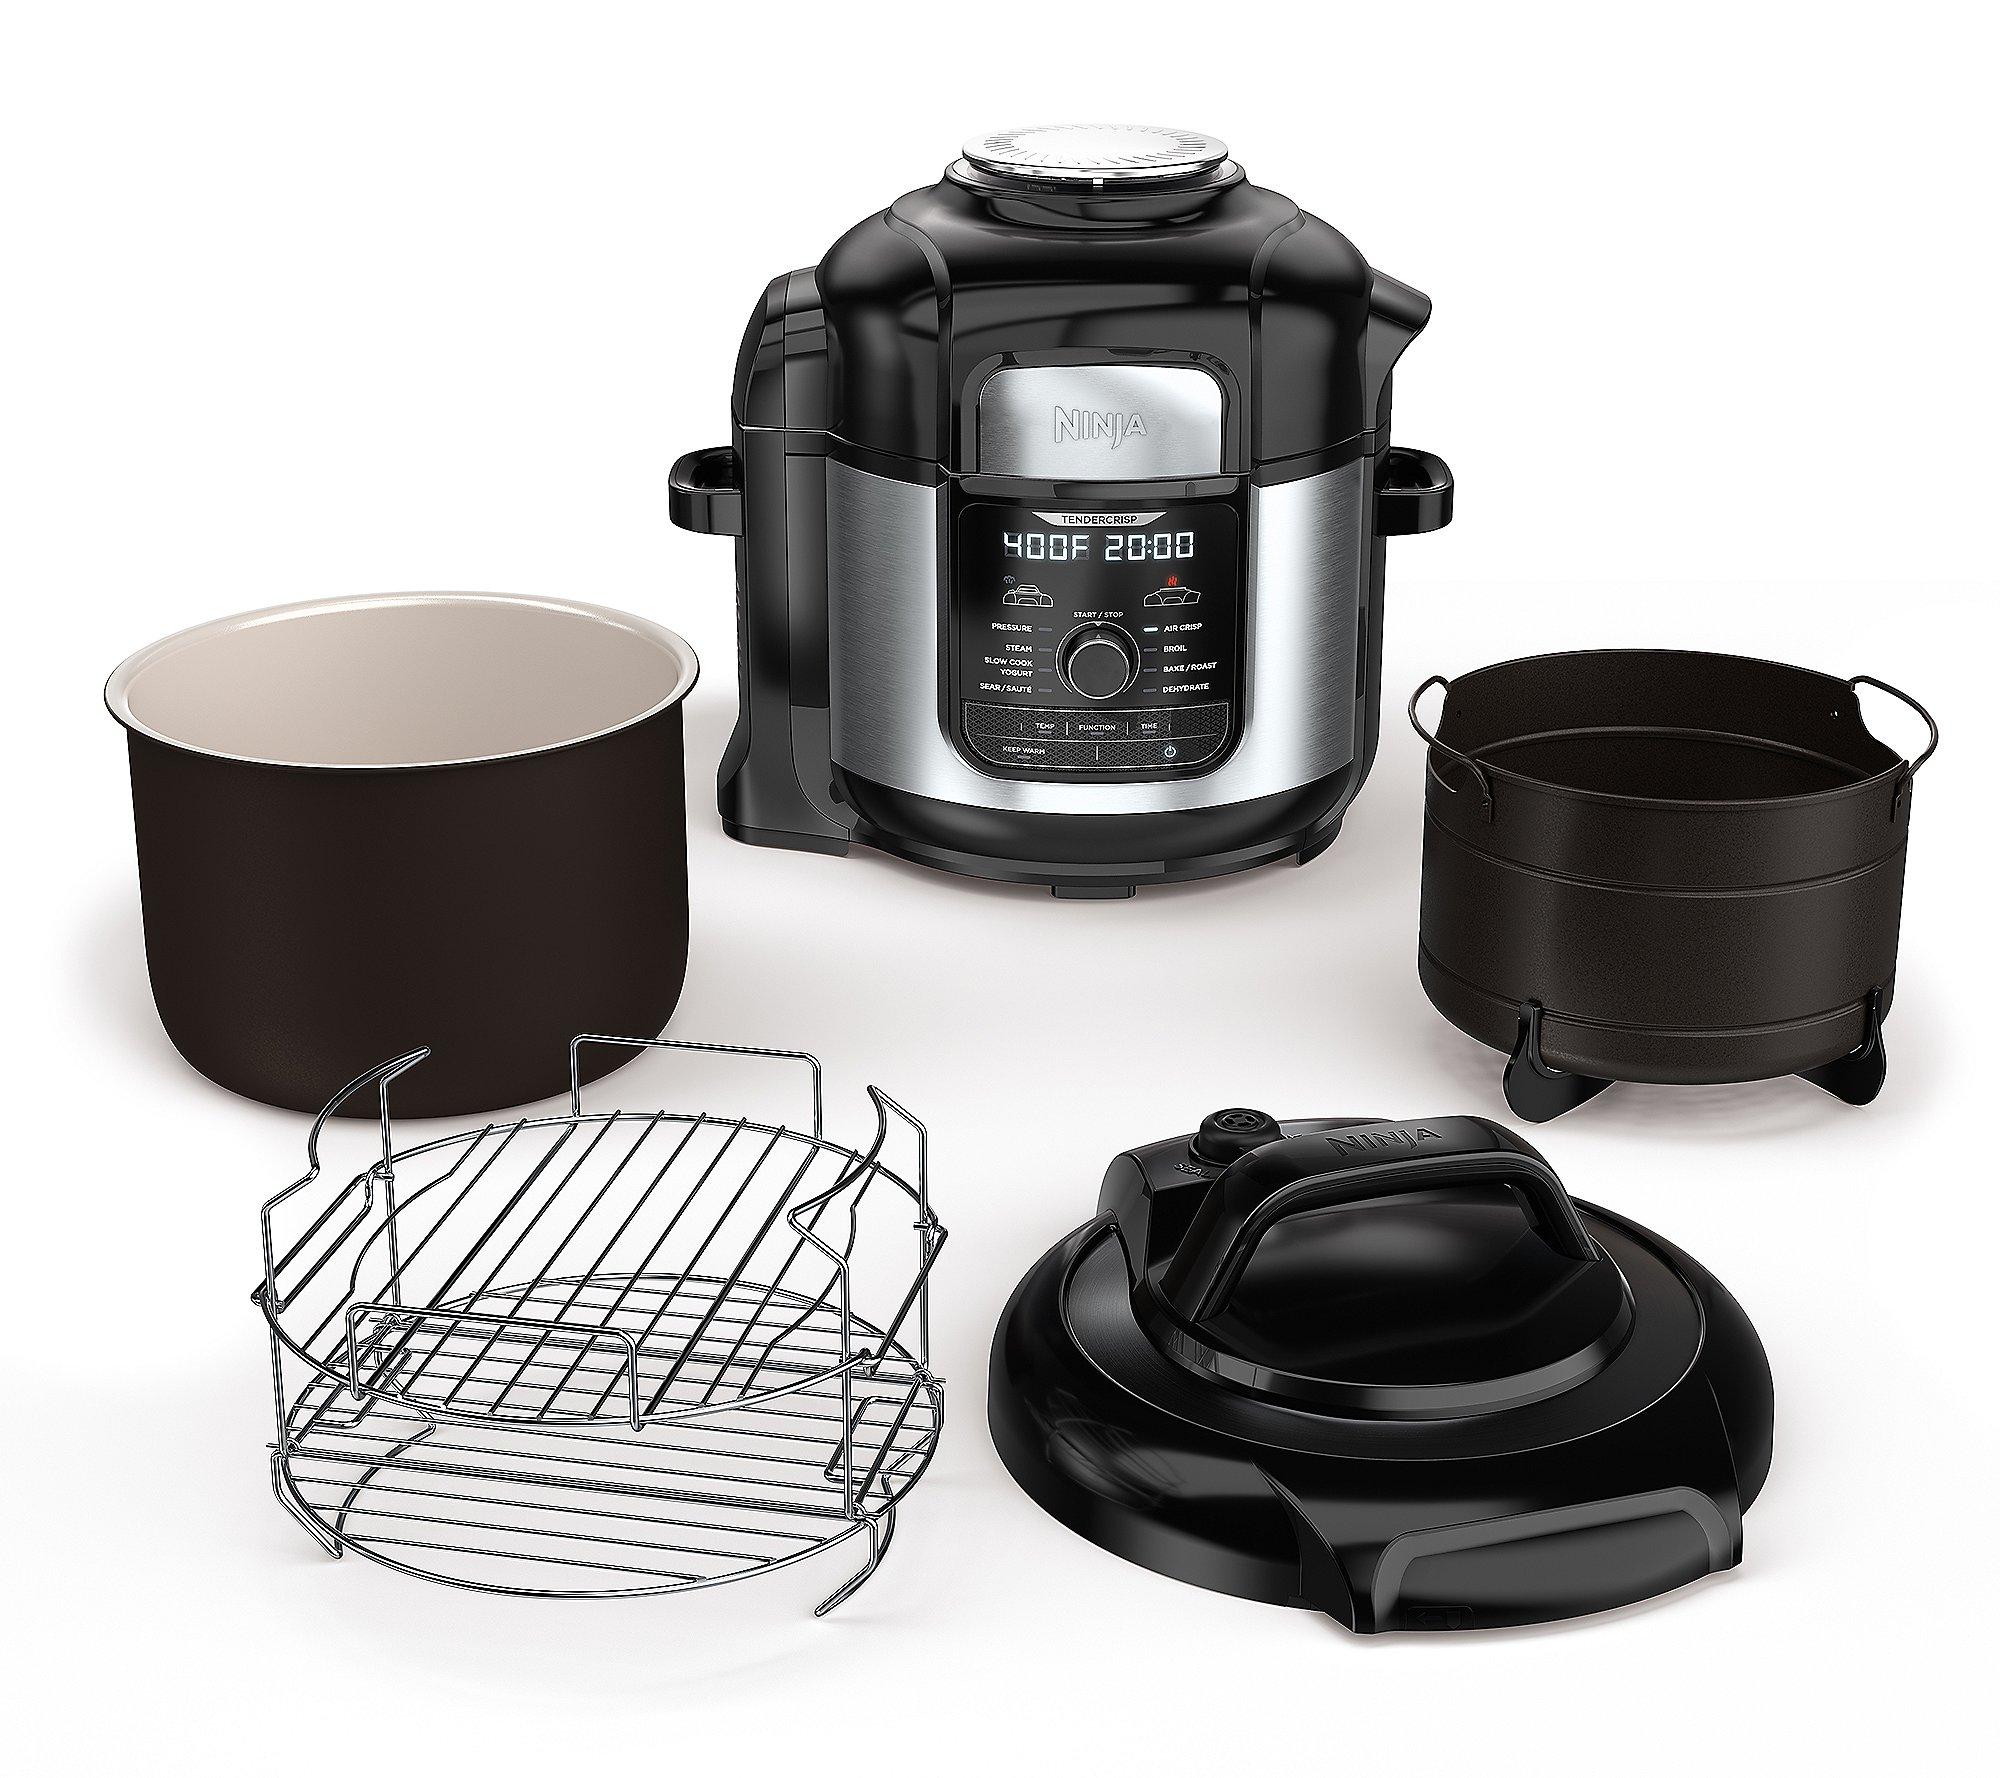 Ninja Foodi Deluxe Xl 8 Qt Cooker And Air Fryer Qvc Com